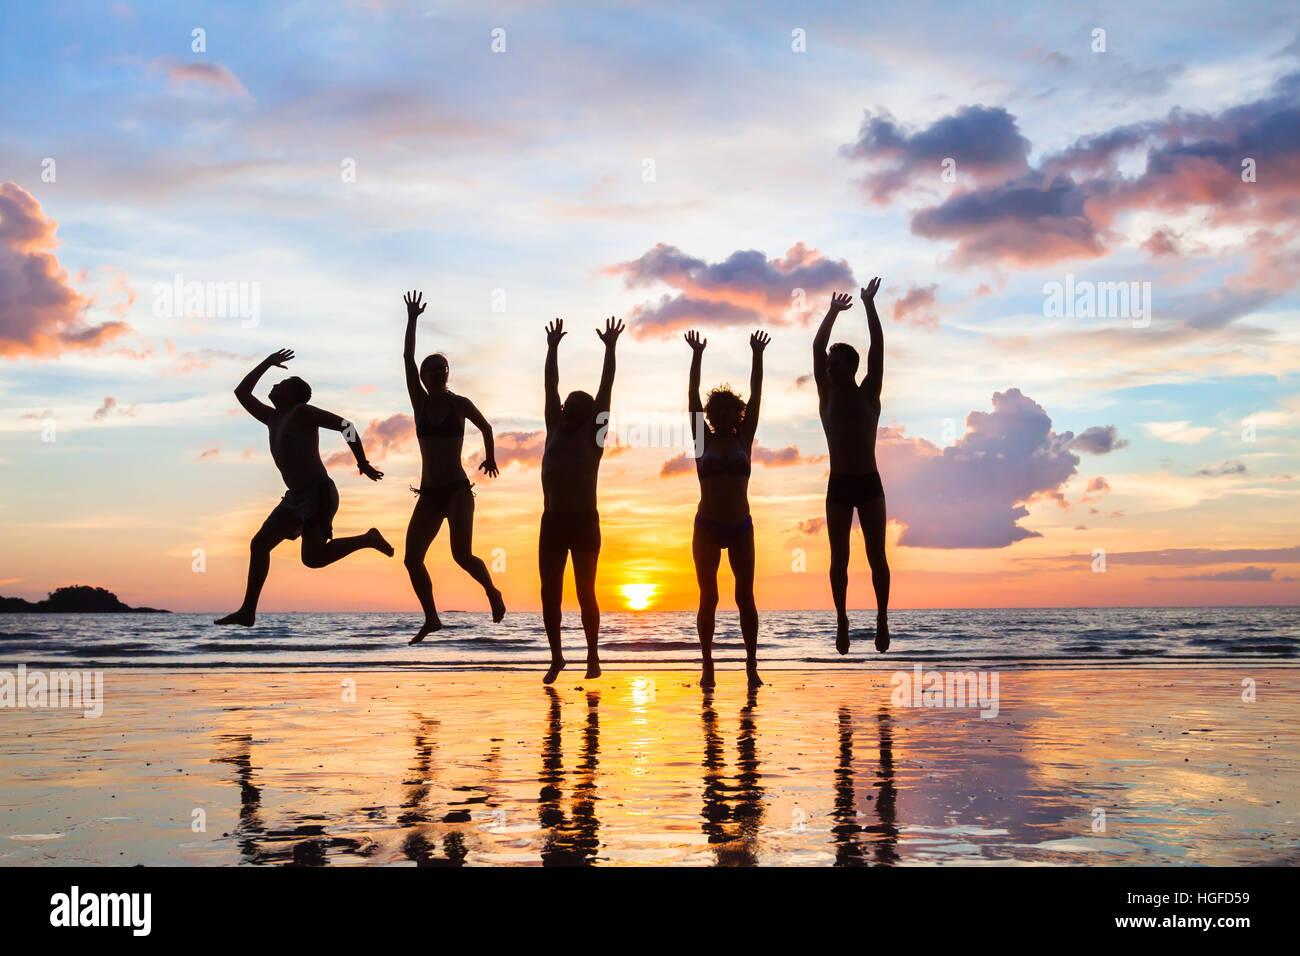 Gruppe von Menschen, die im Urlaub am Strand bei Sonnenuntergang, Silhouetten der happy Friends springen Stockbild